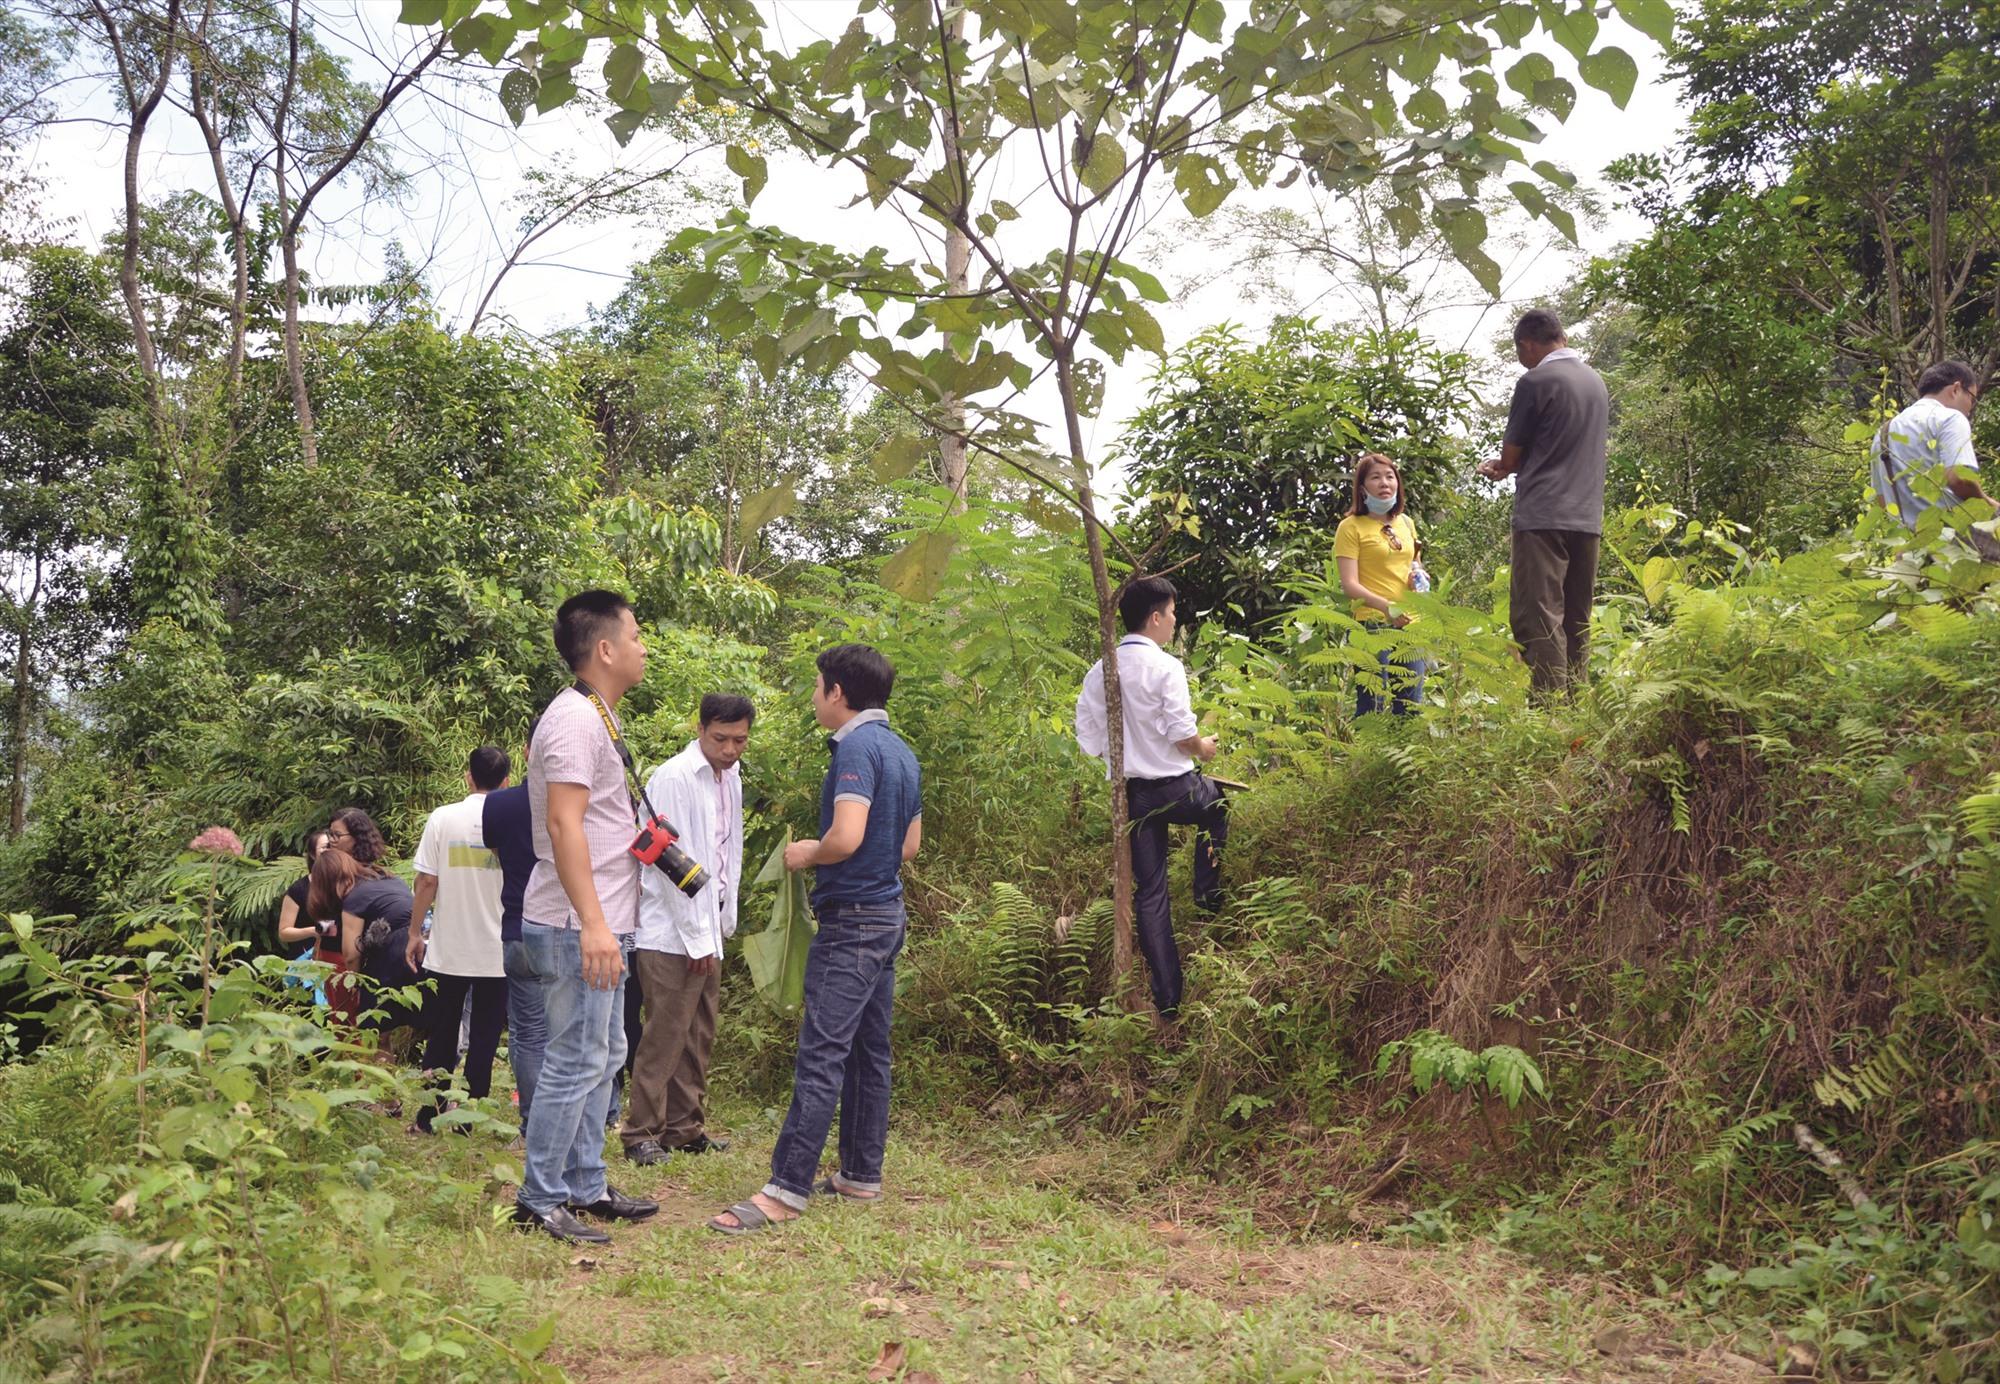 Thực hiện chương trình REDD+ sẽ tạo thêm sinh kế từ rừng cho người dân địa phương. TRONG ẢNH: Các chuyên gia khảo sát mô hình REDD+ tại tỉnh Bắc Kạn. Ảnh: T.H